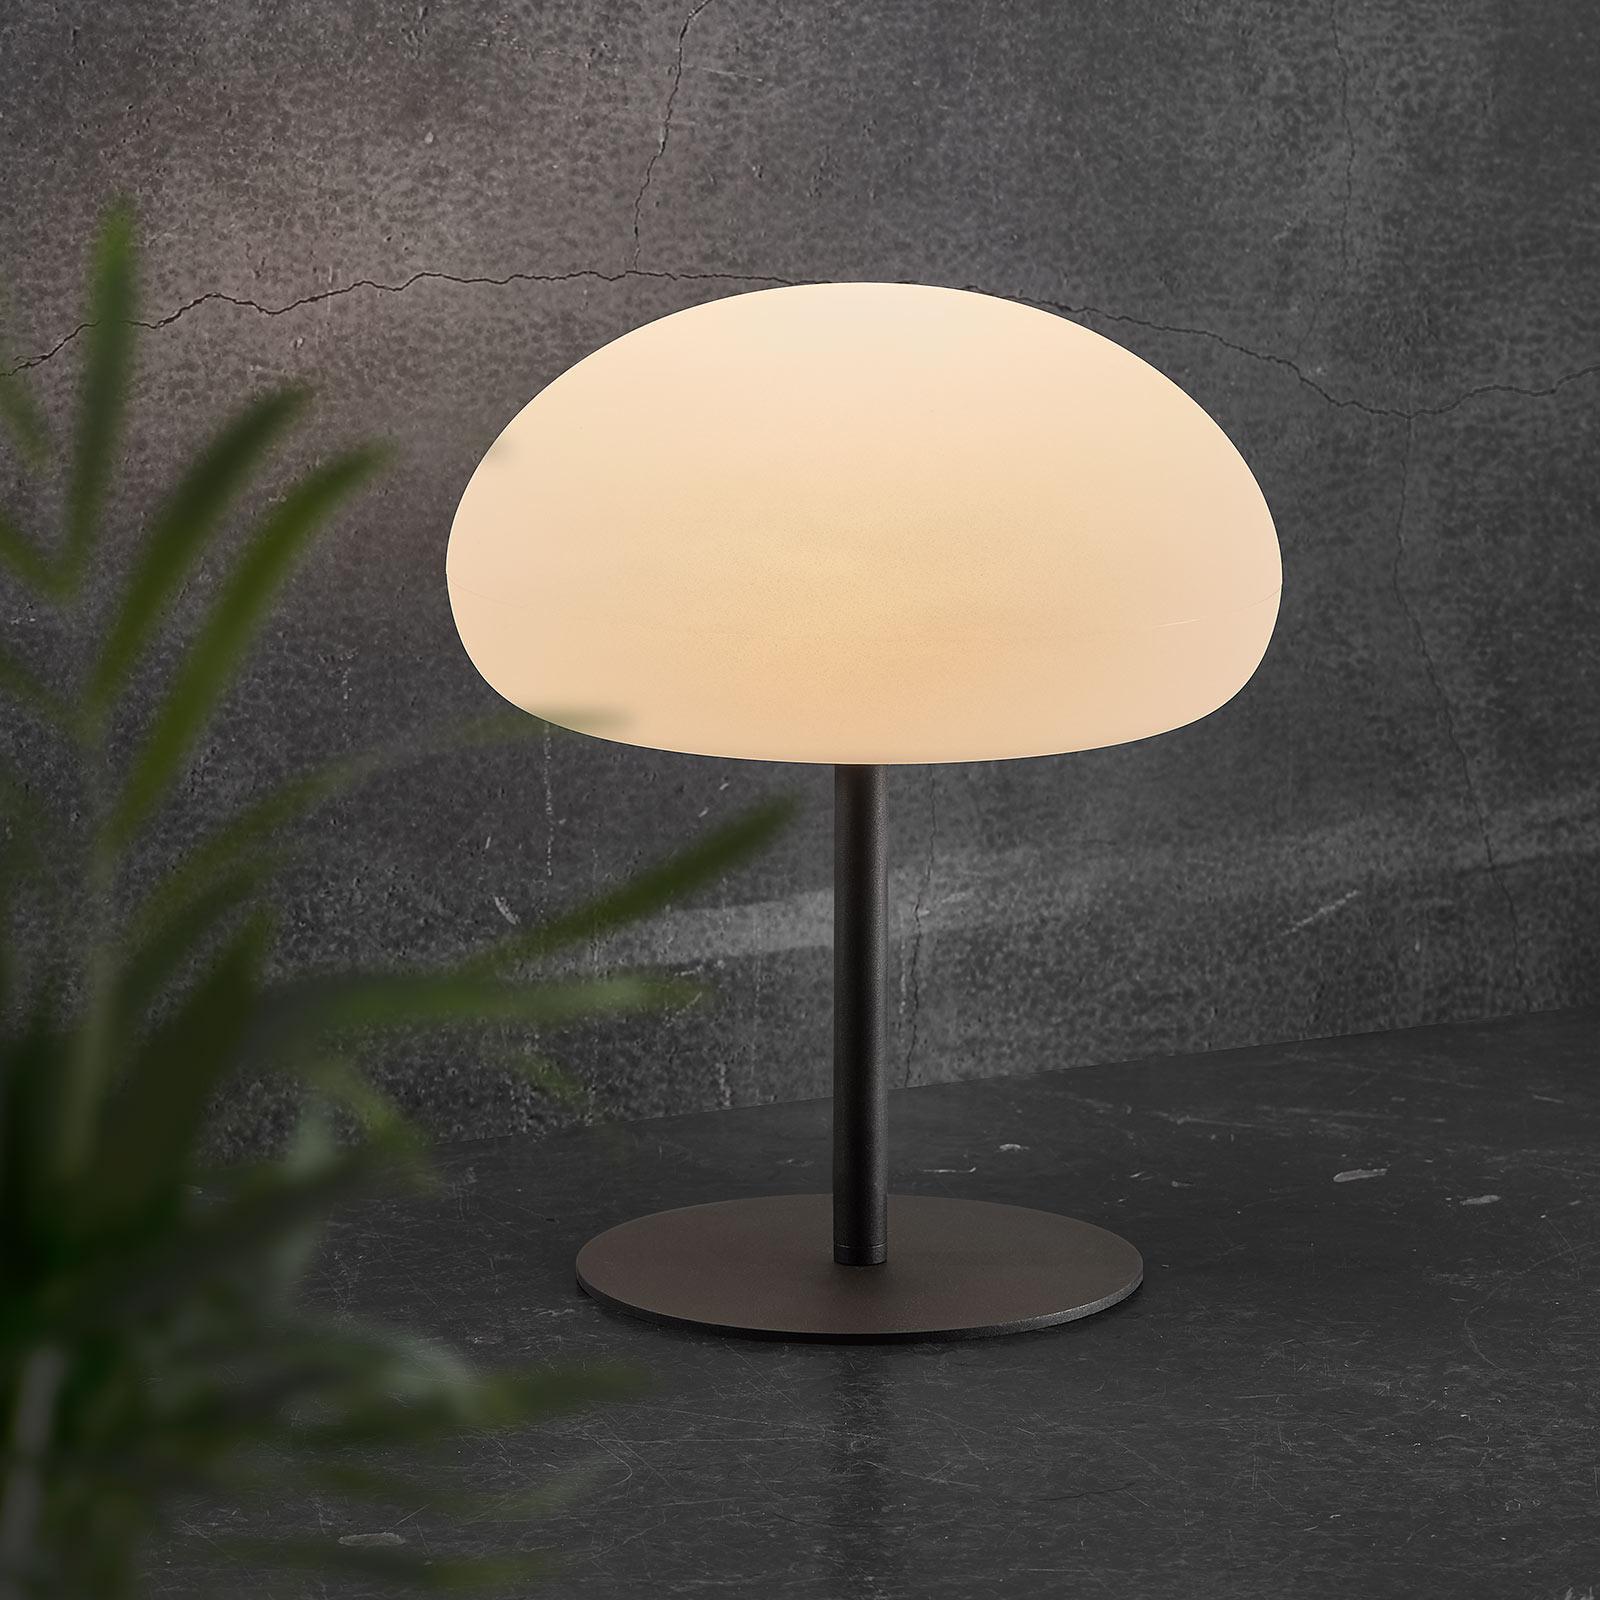 Lampe à poser LED Sponge table batterie, 40,5cm